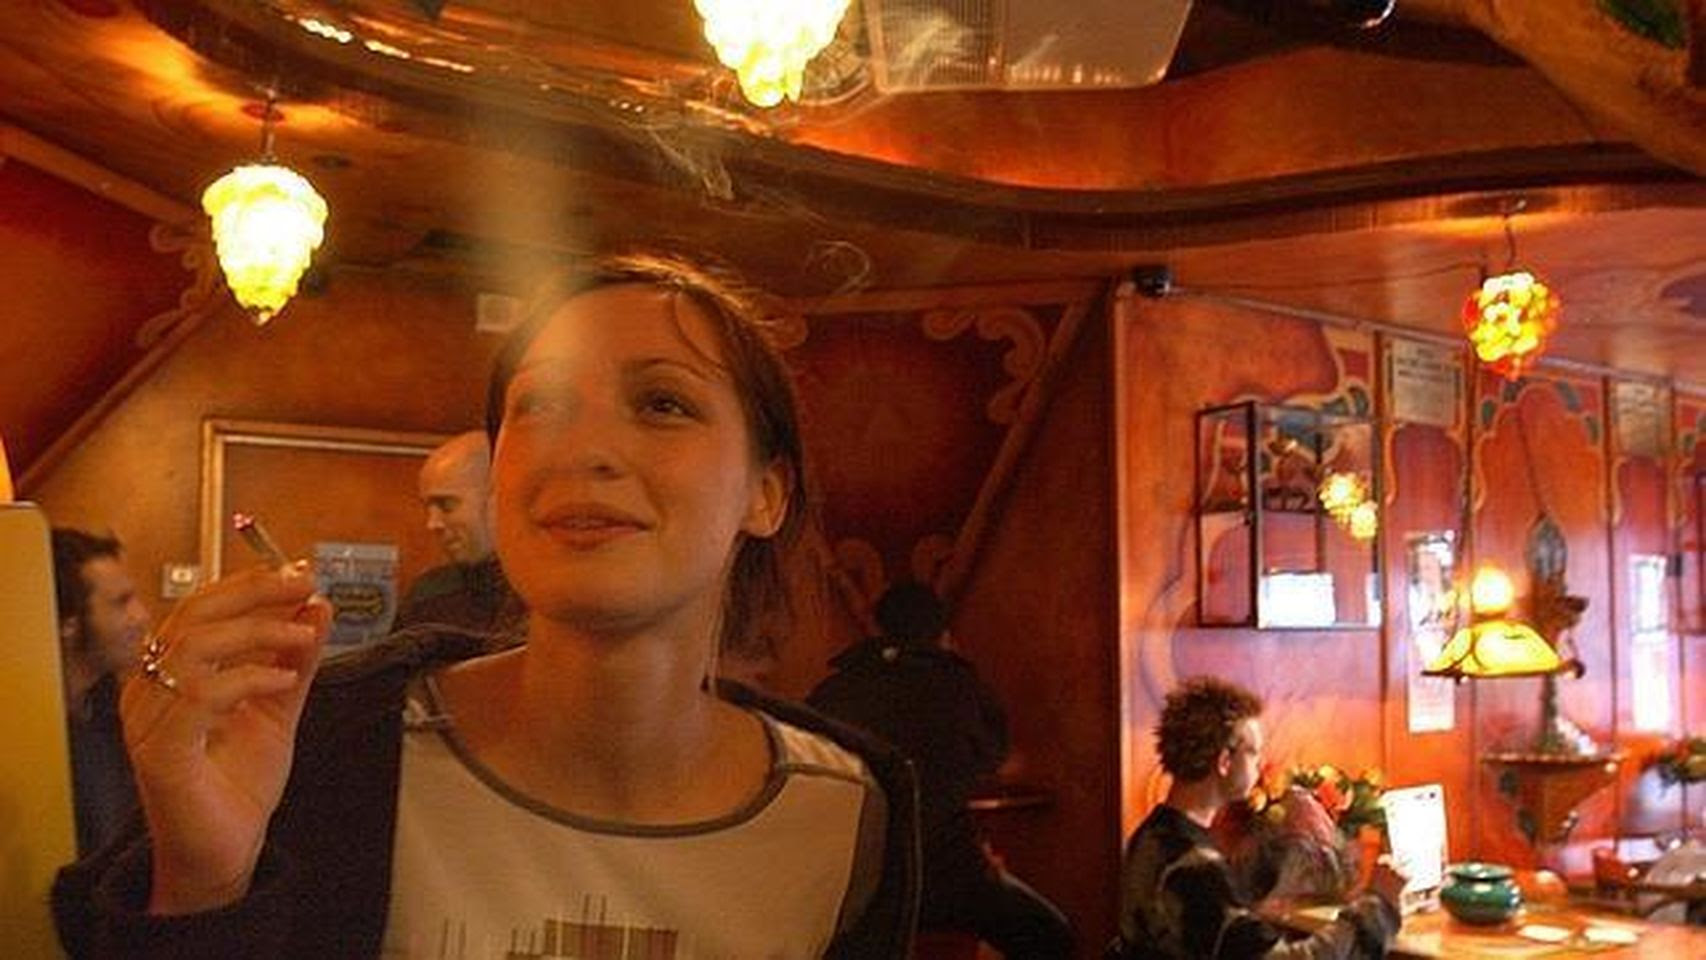 Una joven fumando cannabis en un coffee shop de Ámsterdam (Holanda).